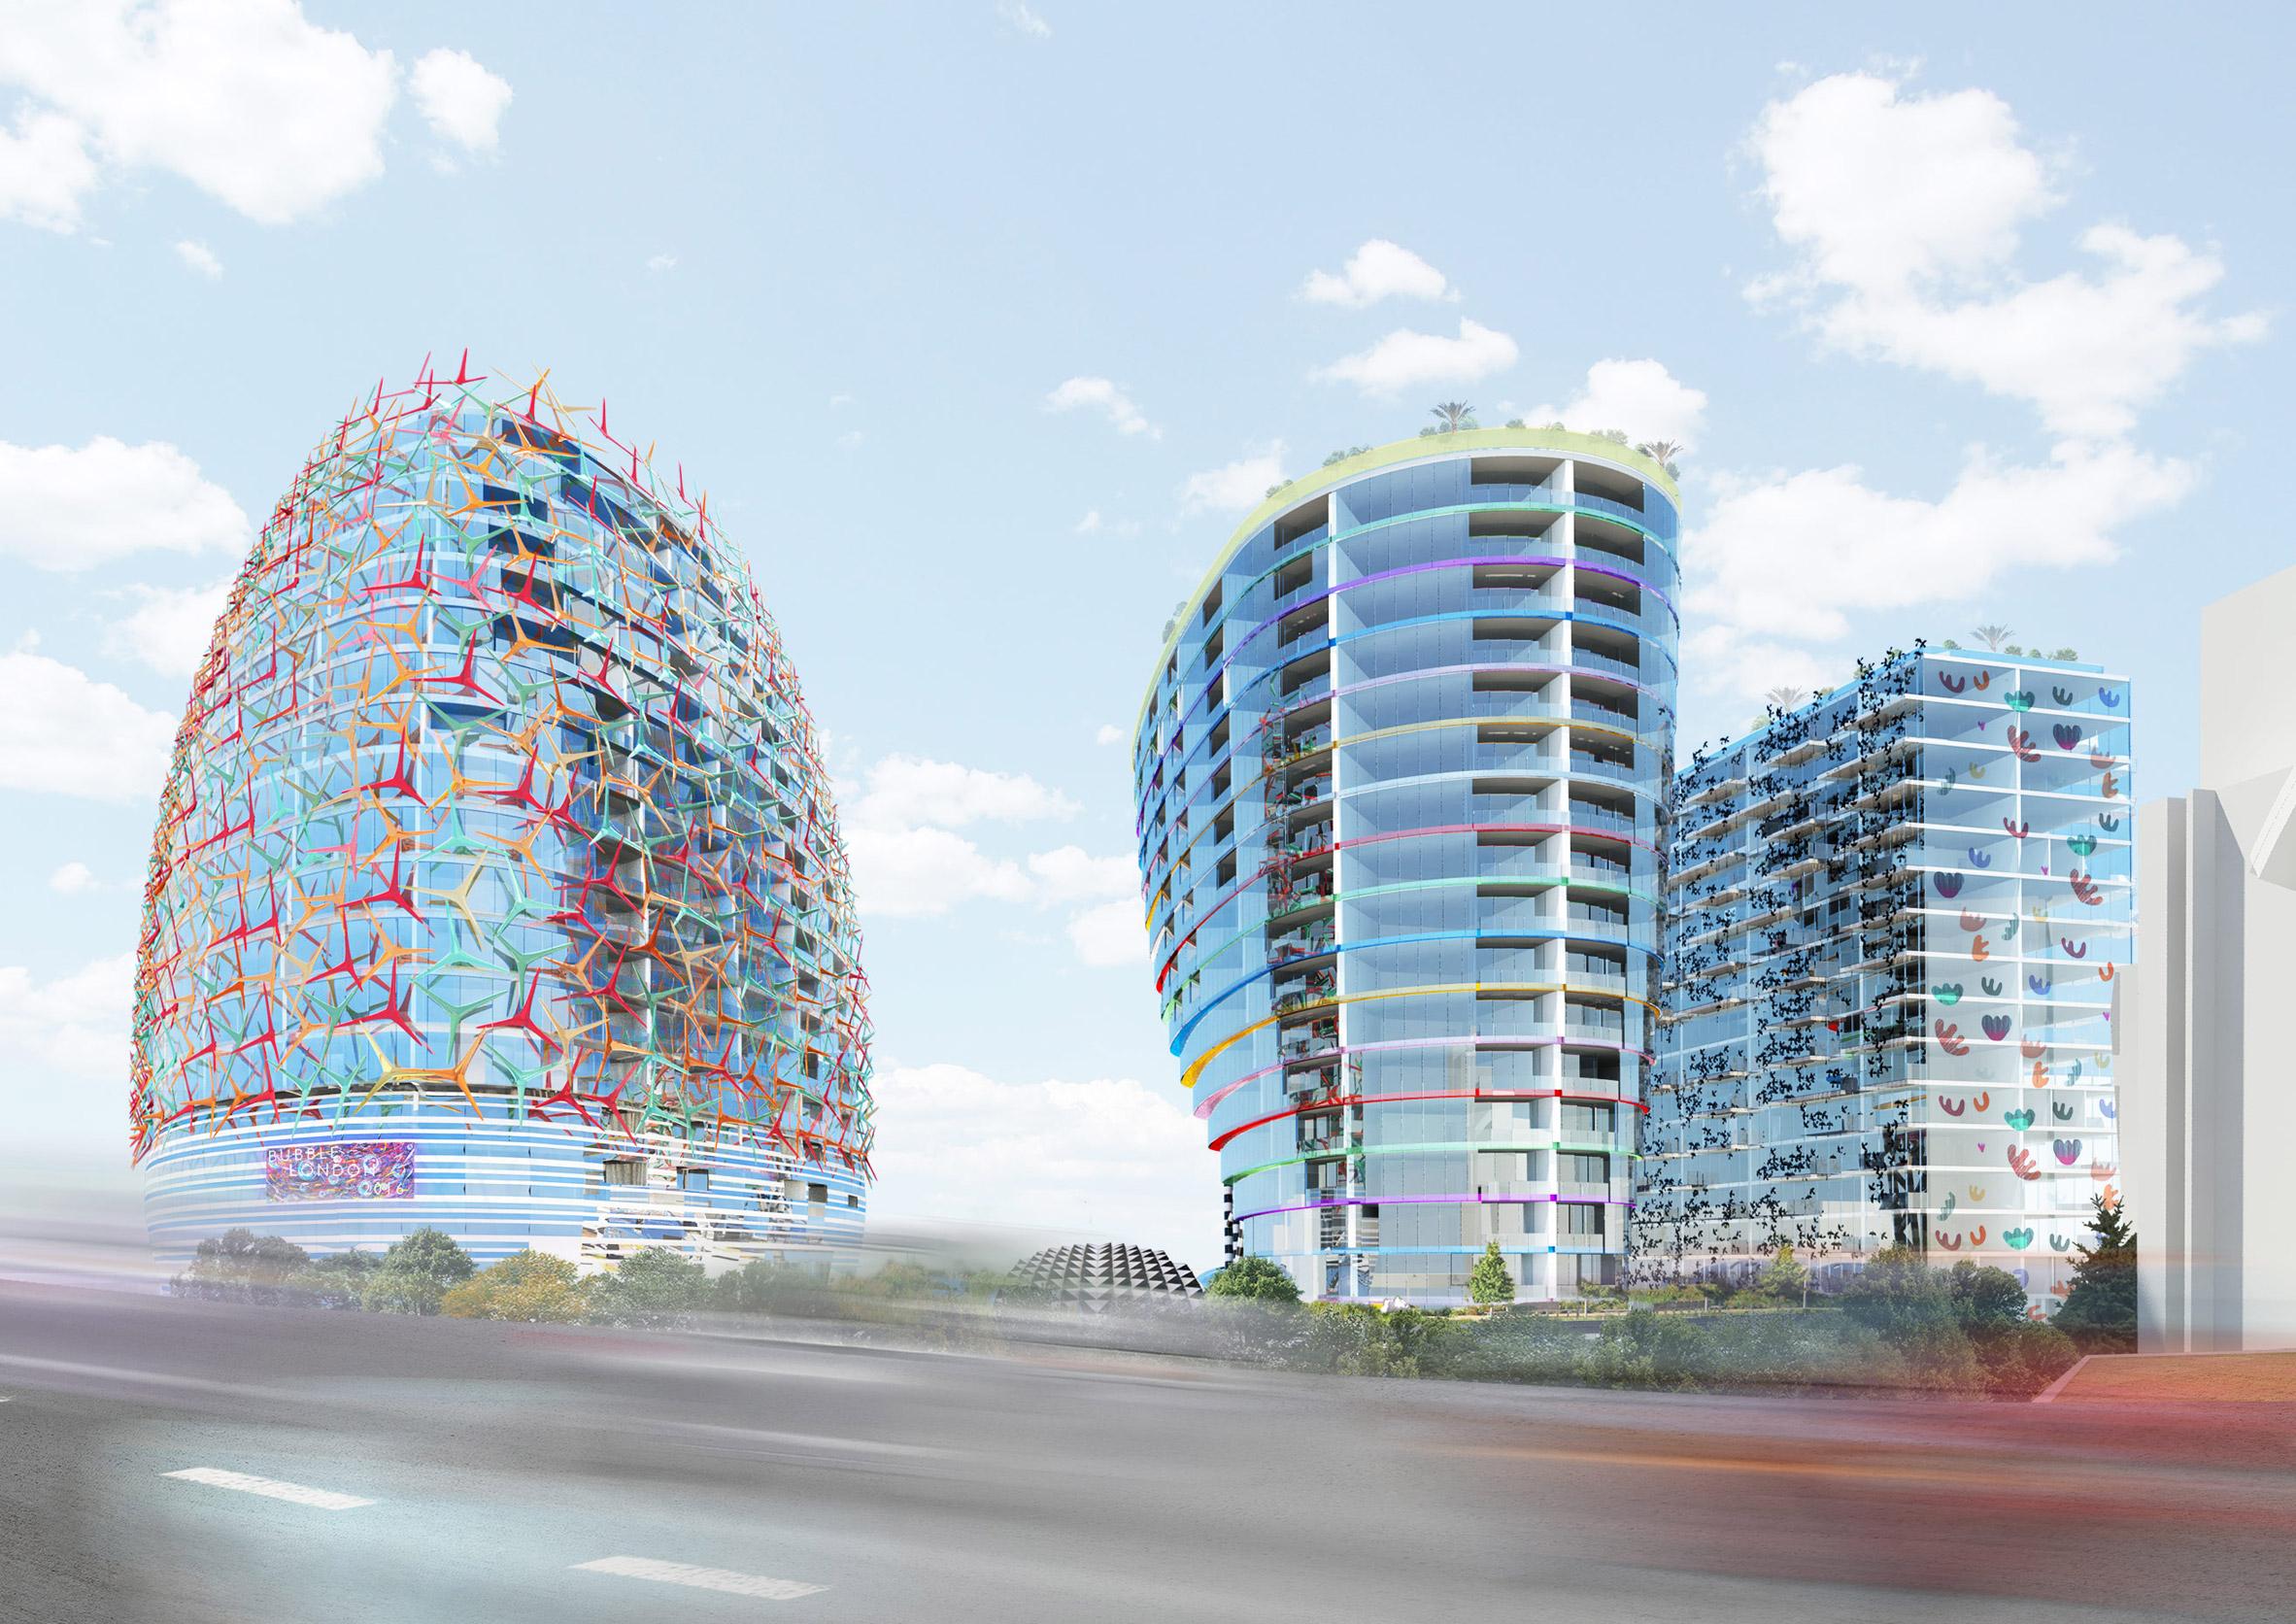 Will Alsop unbuilt architectural proposals